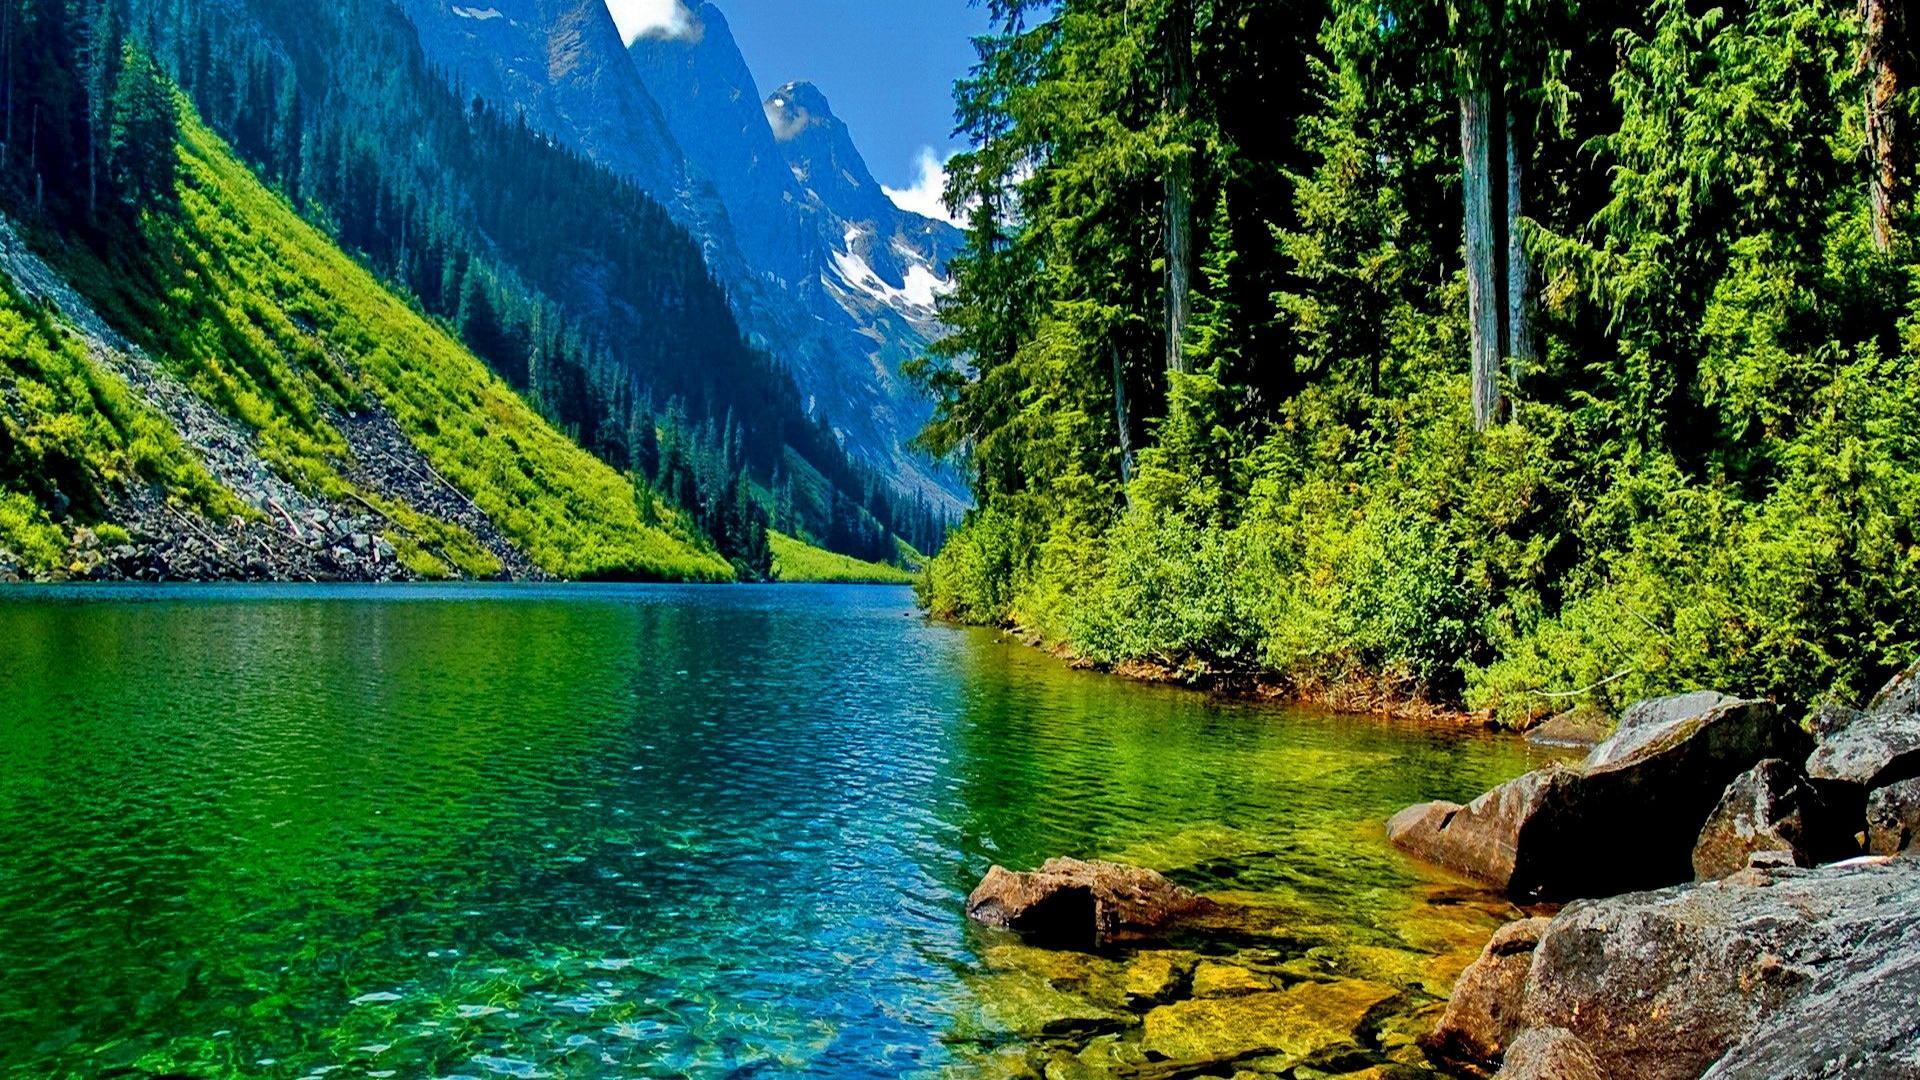 大自然风景壁纸 深山峡谷大自然美景壁纸